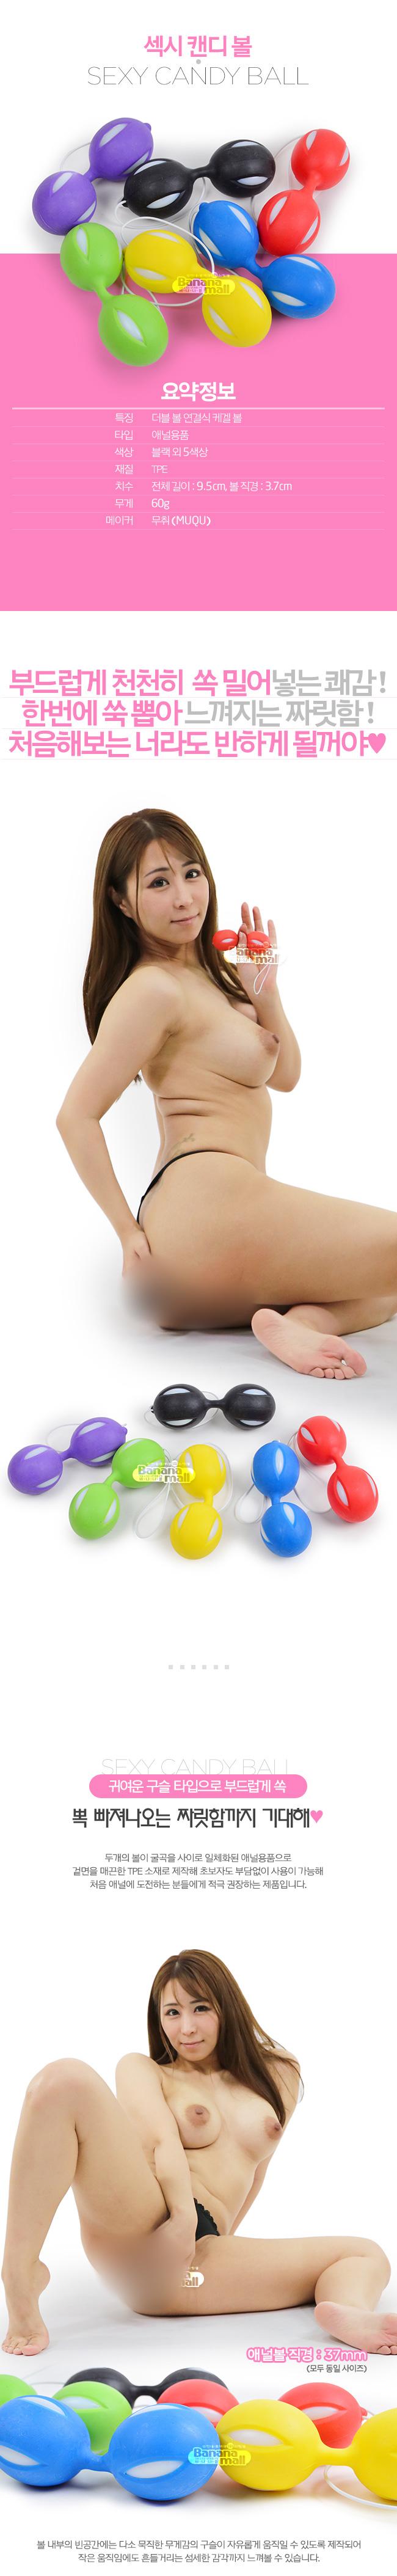 [애널용품] 섹시 캔디 볼(Sexy Candy Ball)